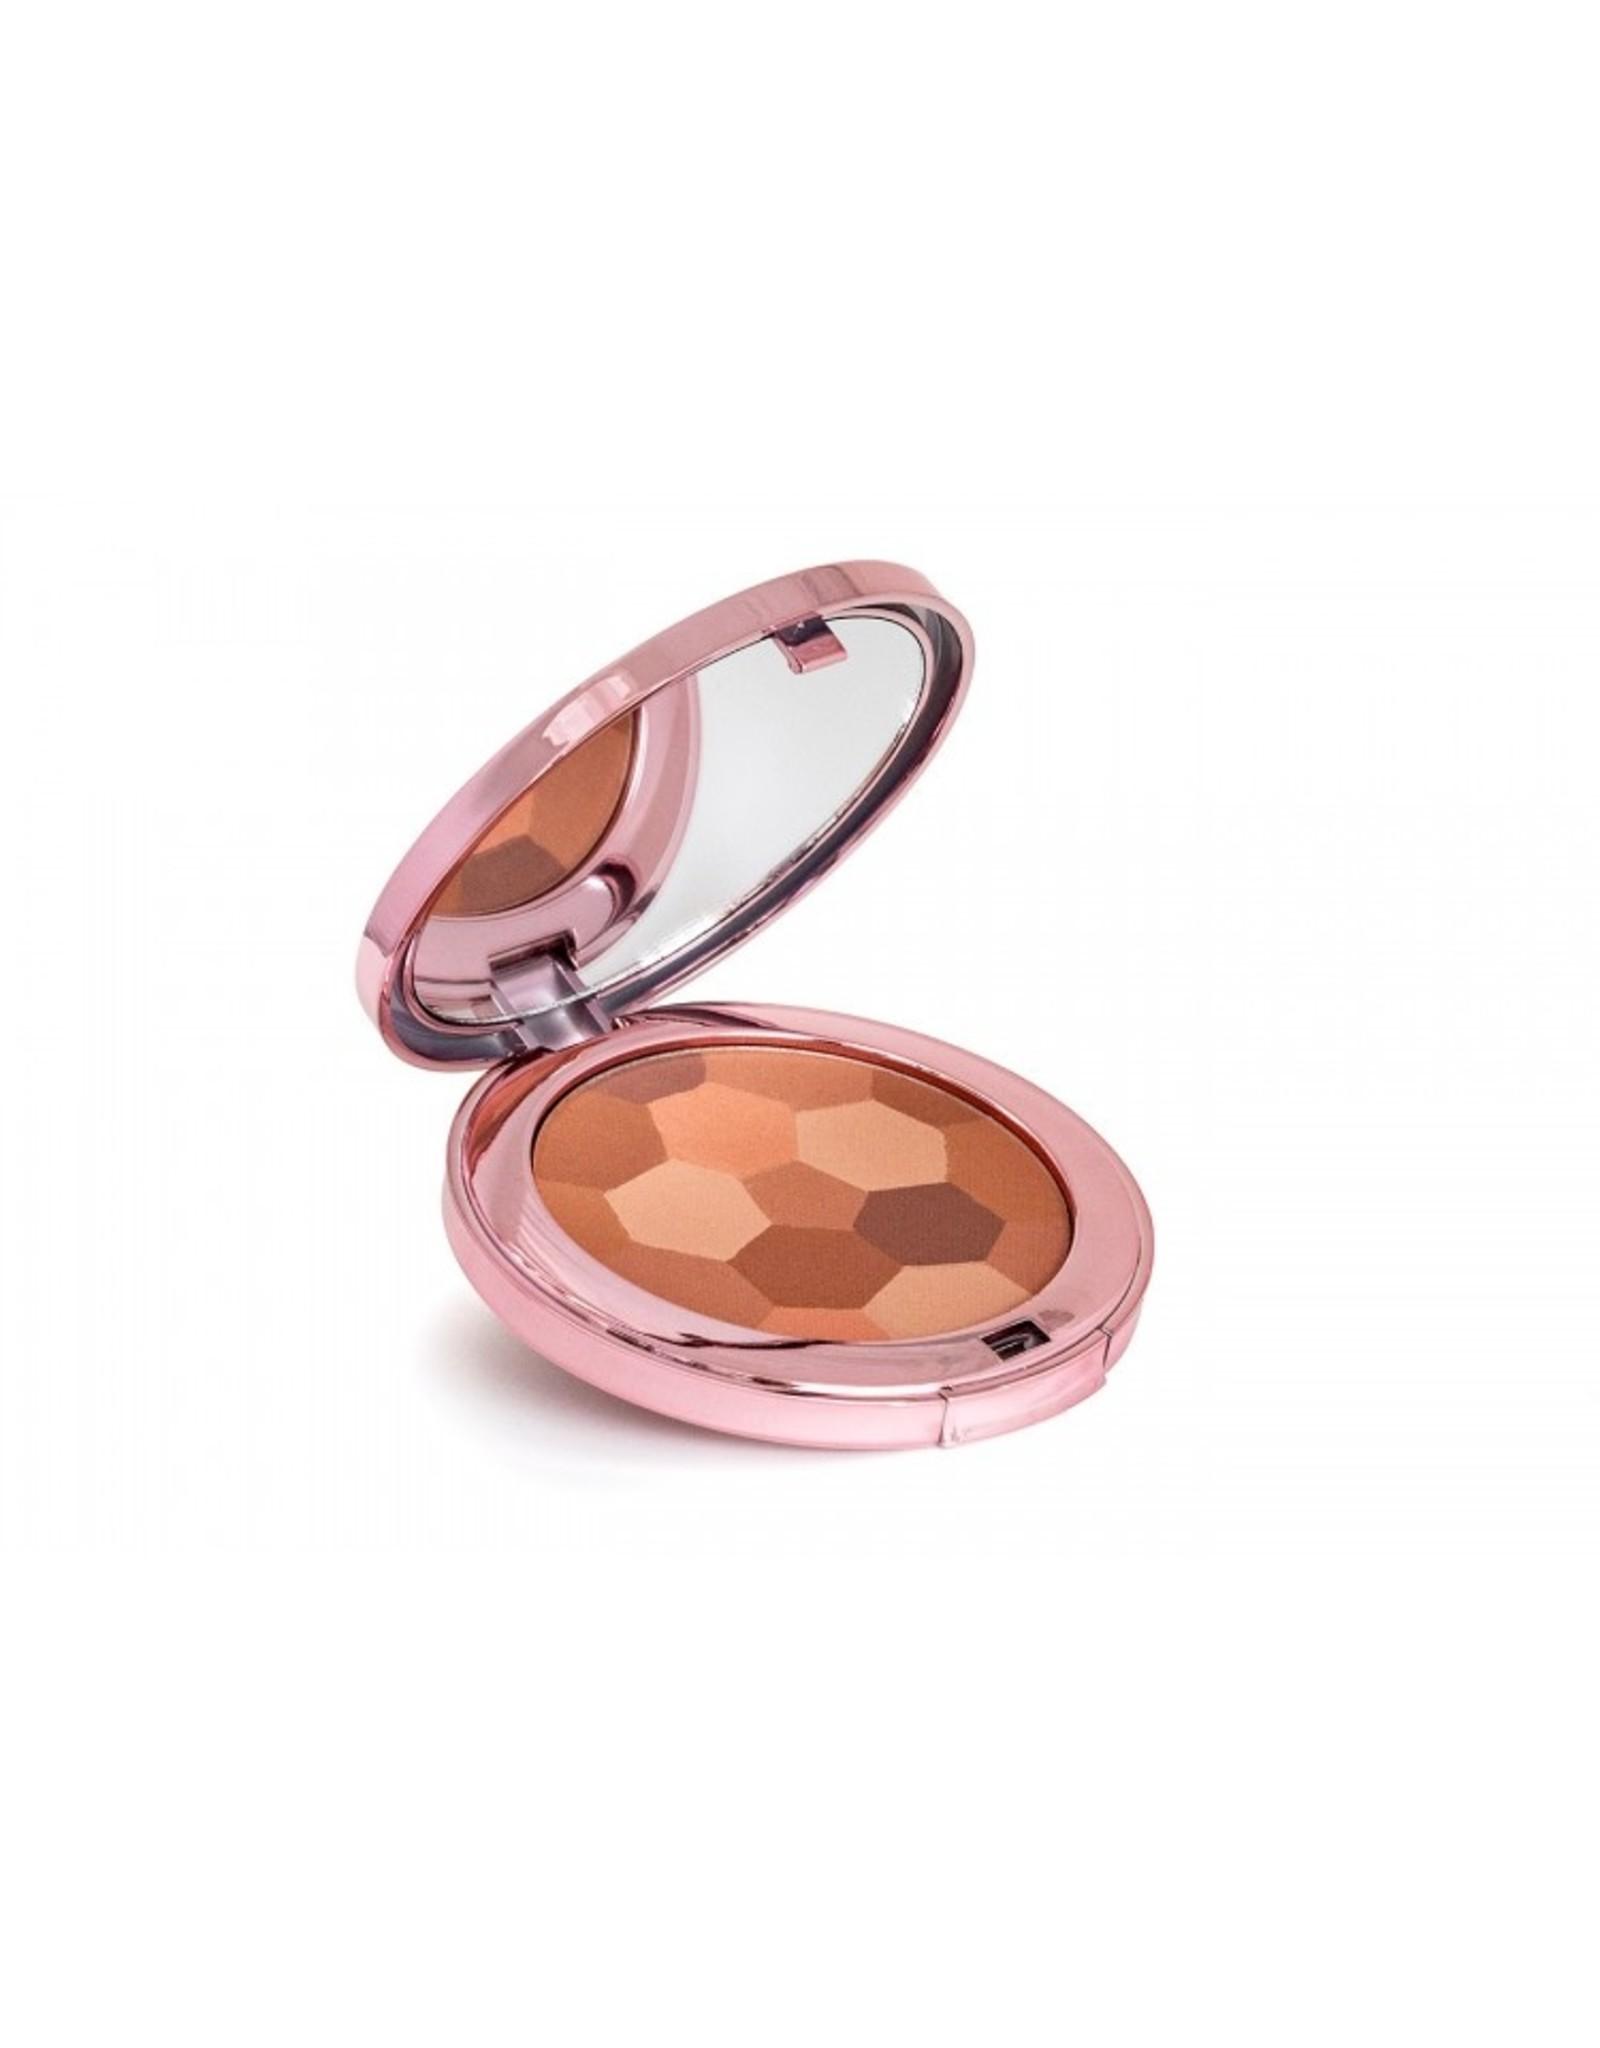 CentpurCent CentpurCent - Le Soleil Mosaic Powder pour Brunettes